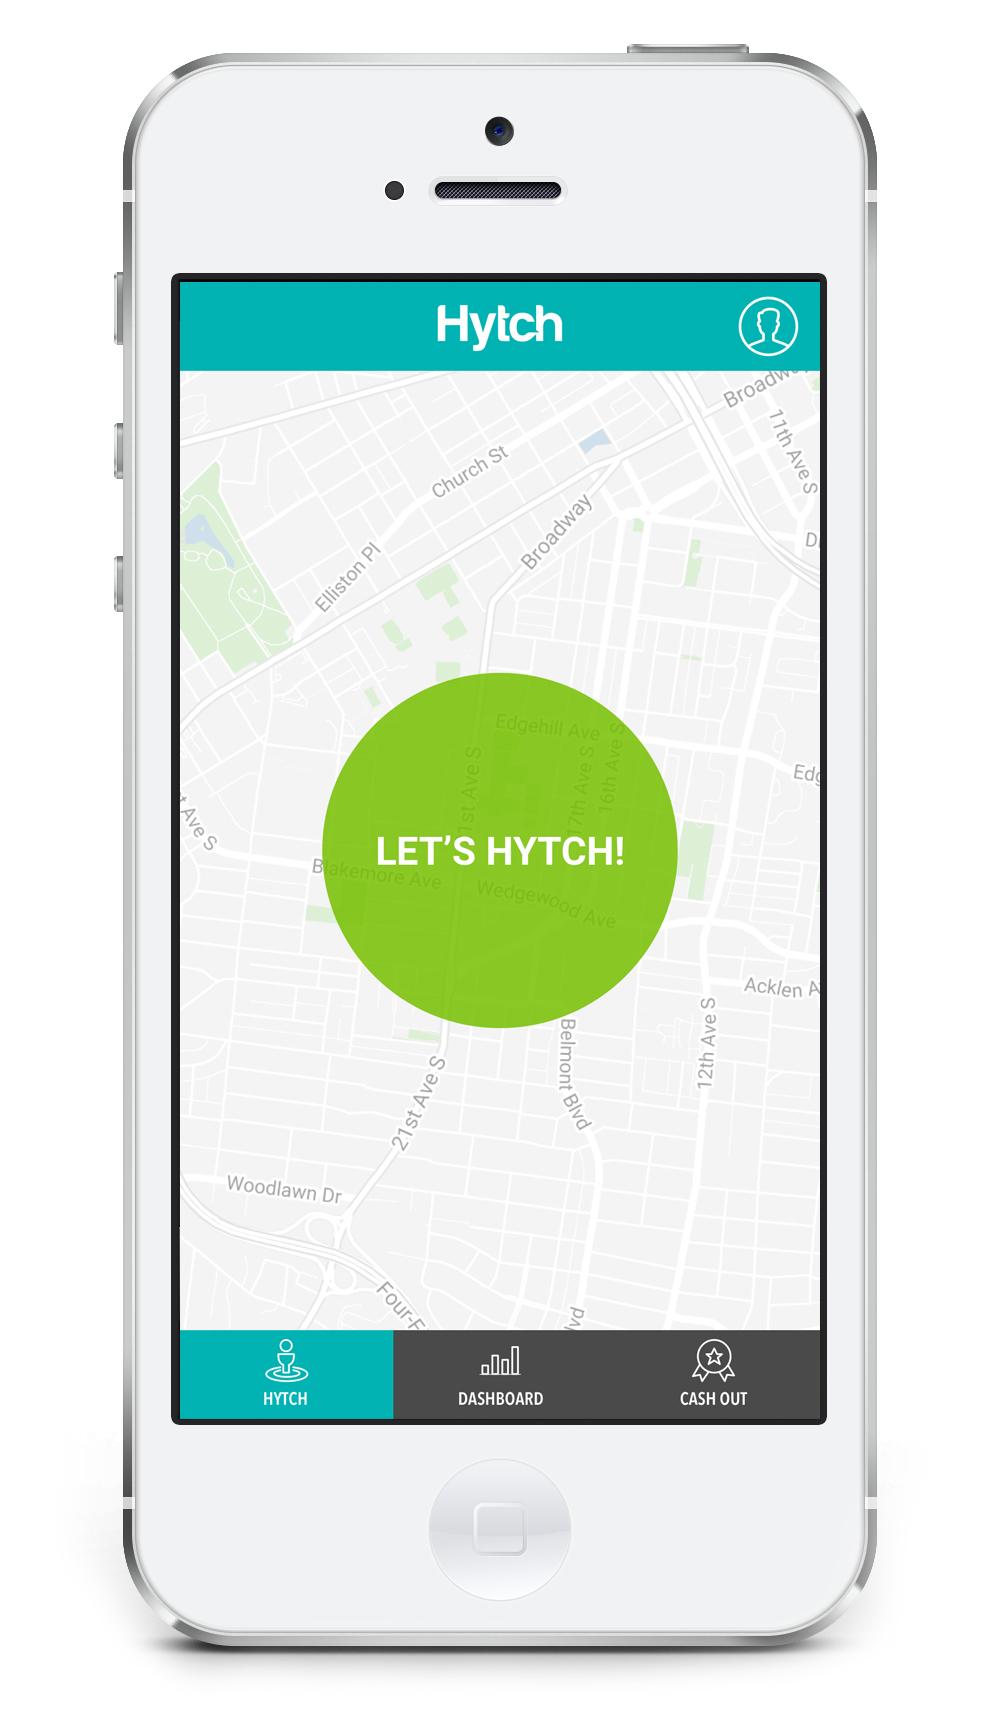 hytch_test_1.jpg